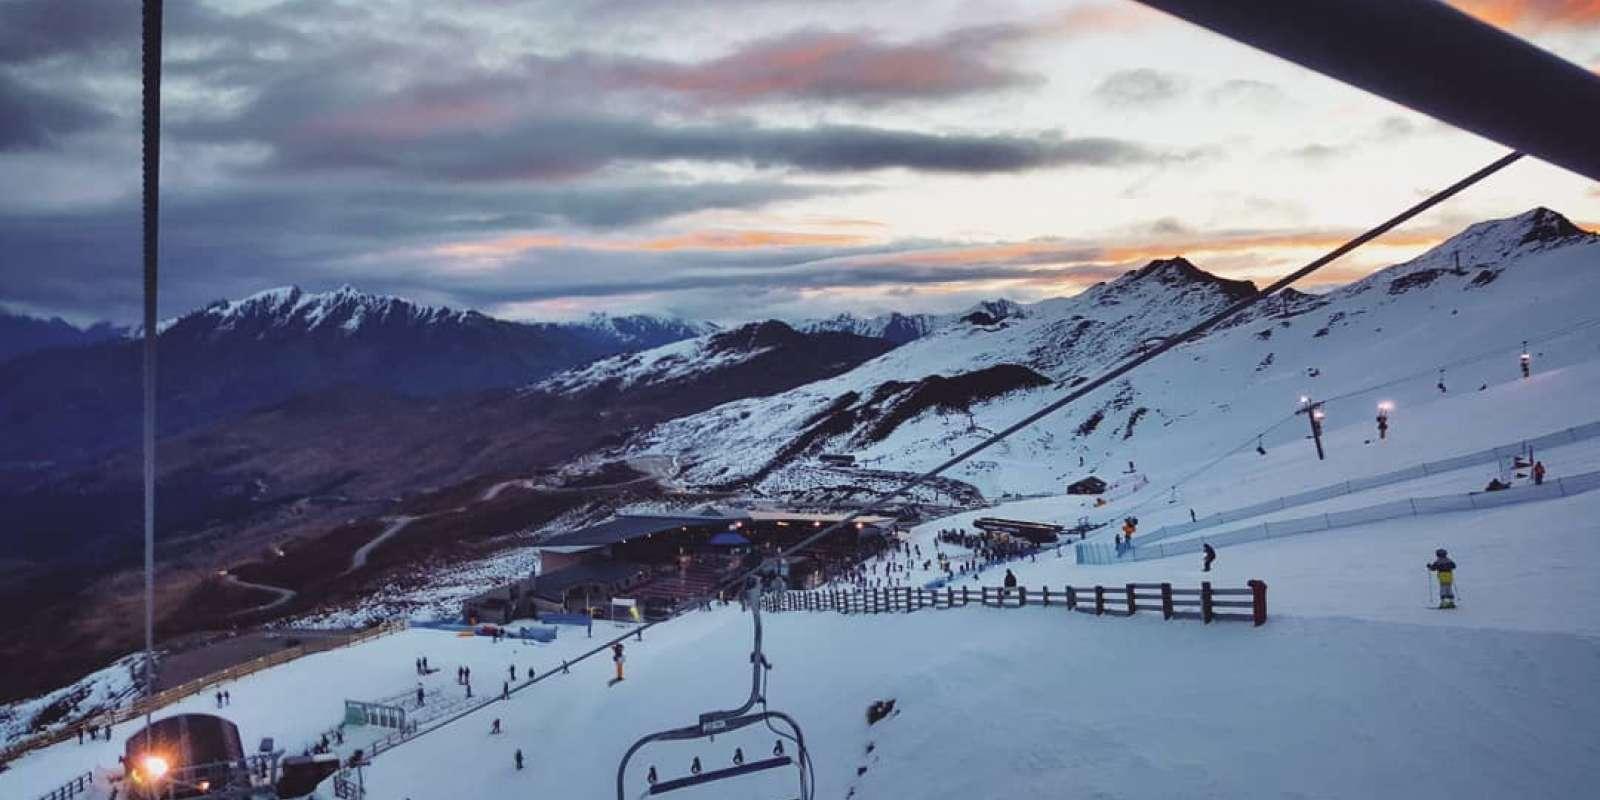 Night Skiing at Coronet Peak